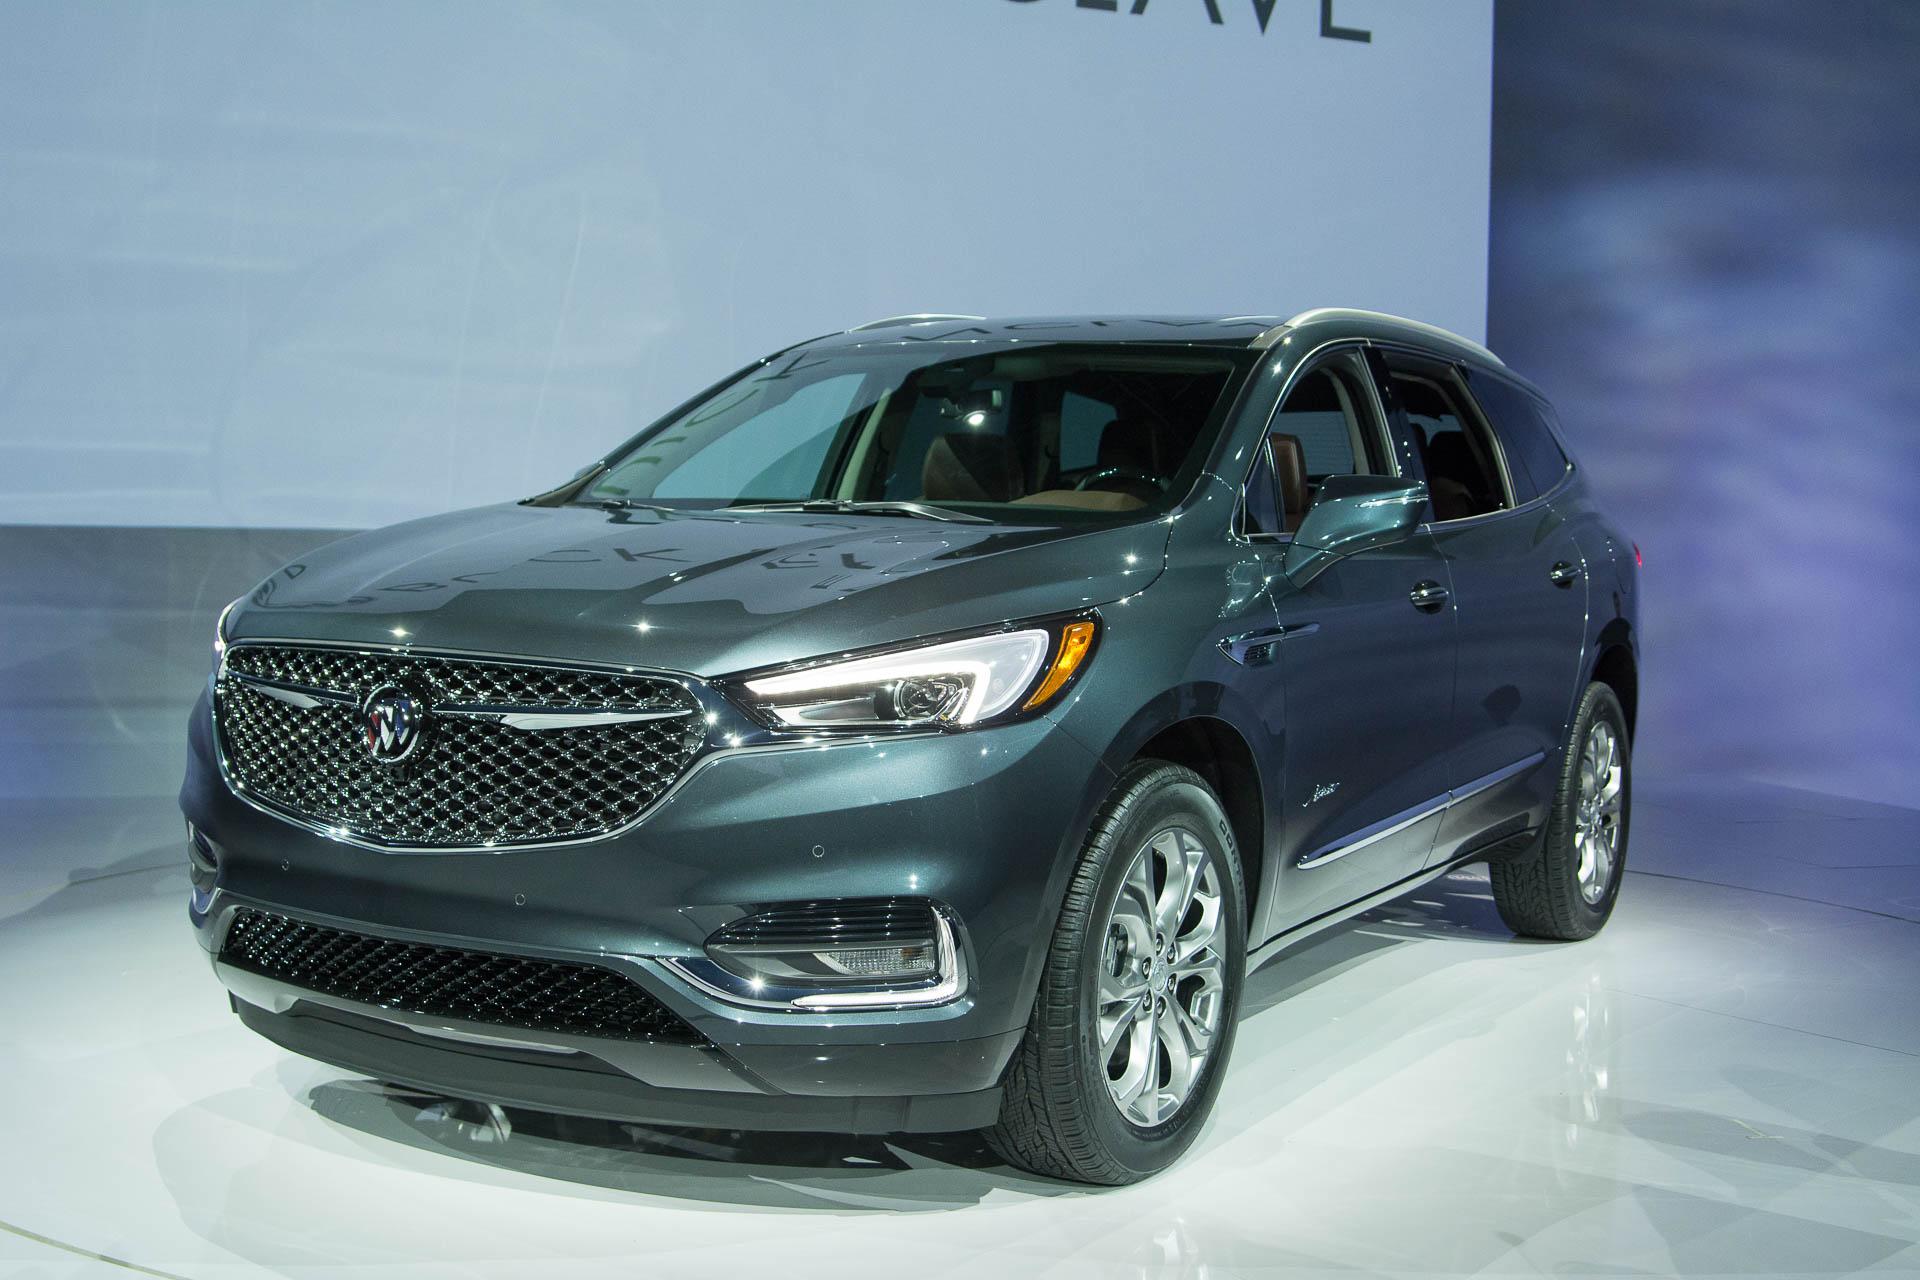 2018 Buick Enclave Avenir Trim >> 2018 Buick Enclave Revealed With Luxurious Avenir Trim